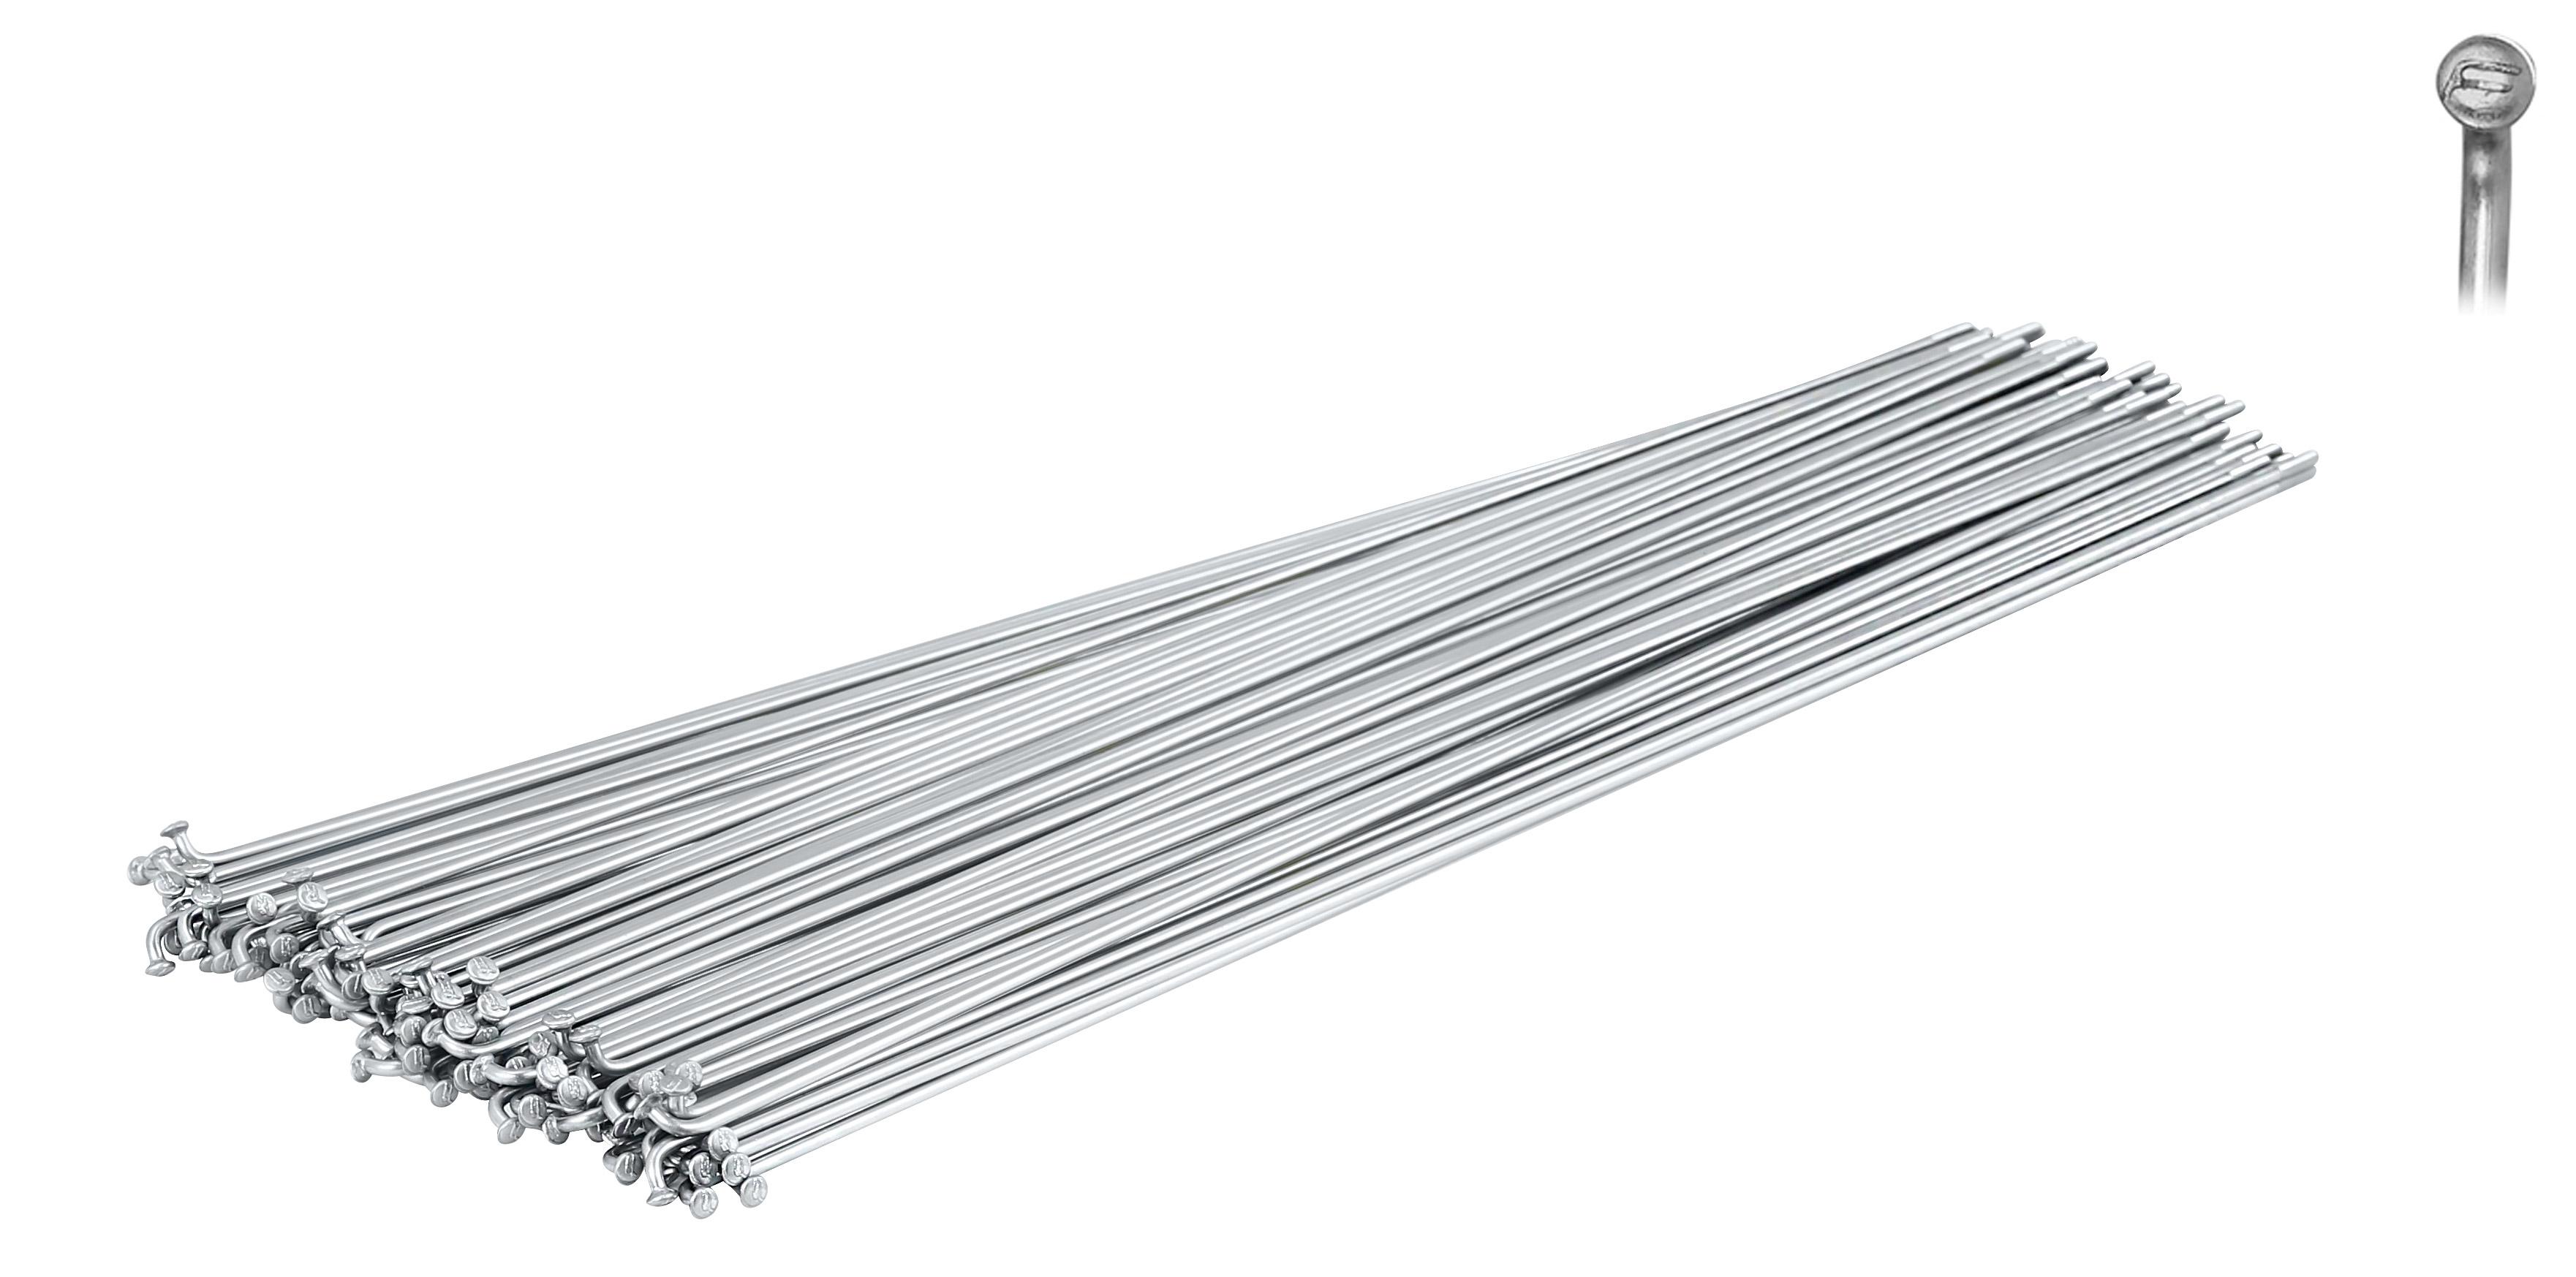 dráty FORCE nerez stříbrné 2 mm x 296 mm